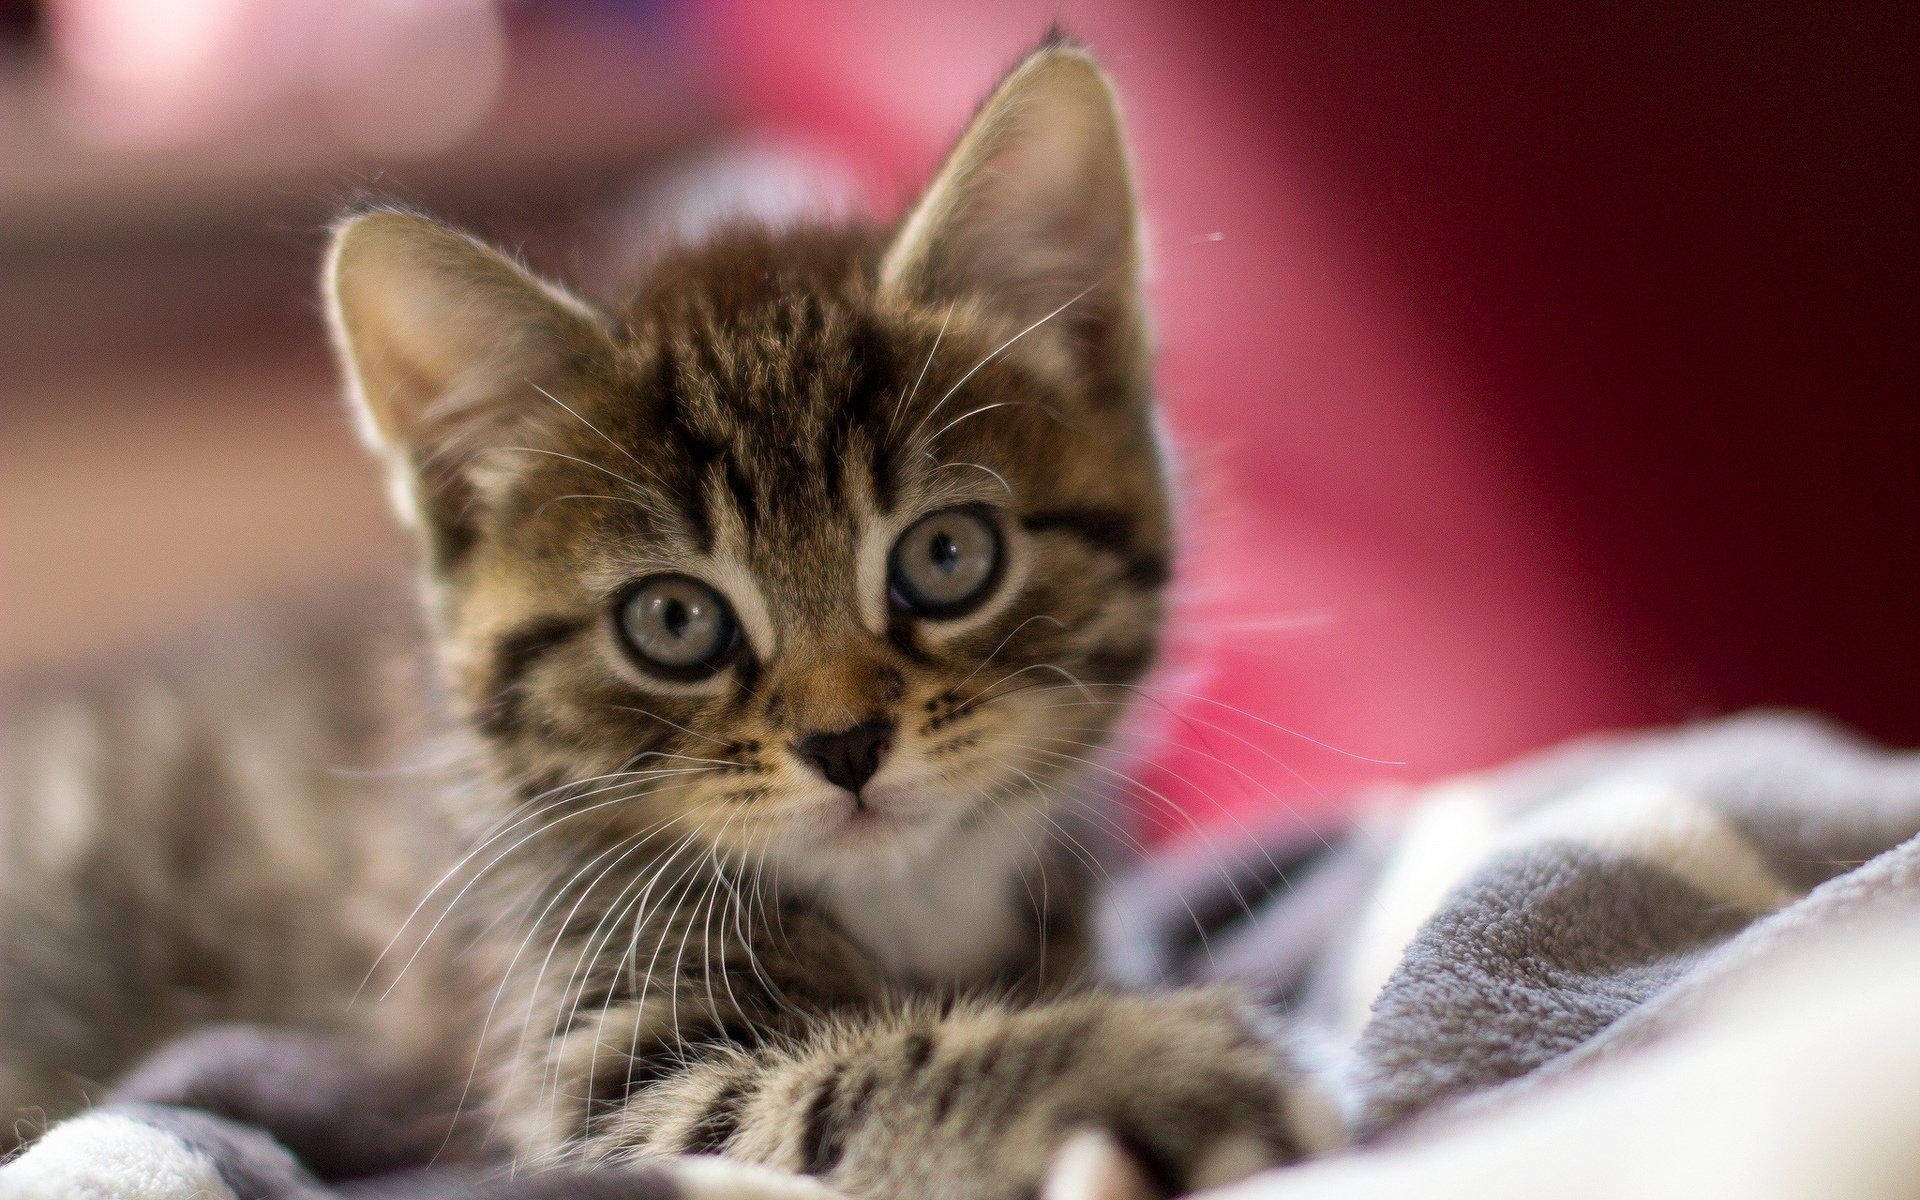 Котенок на плече  № 1126950 загрузить